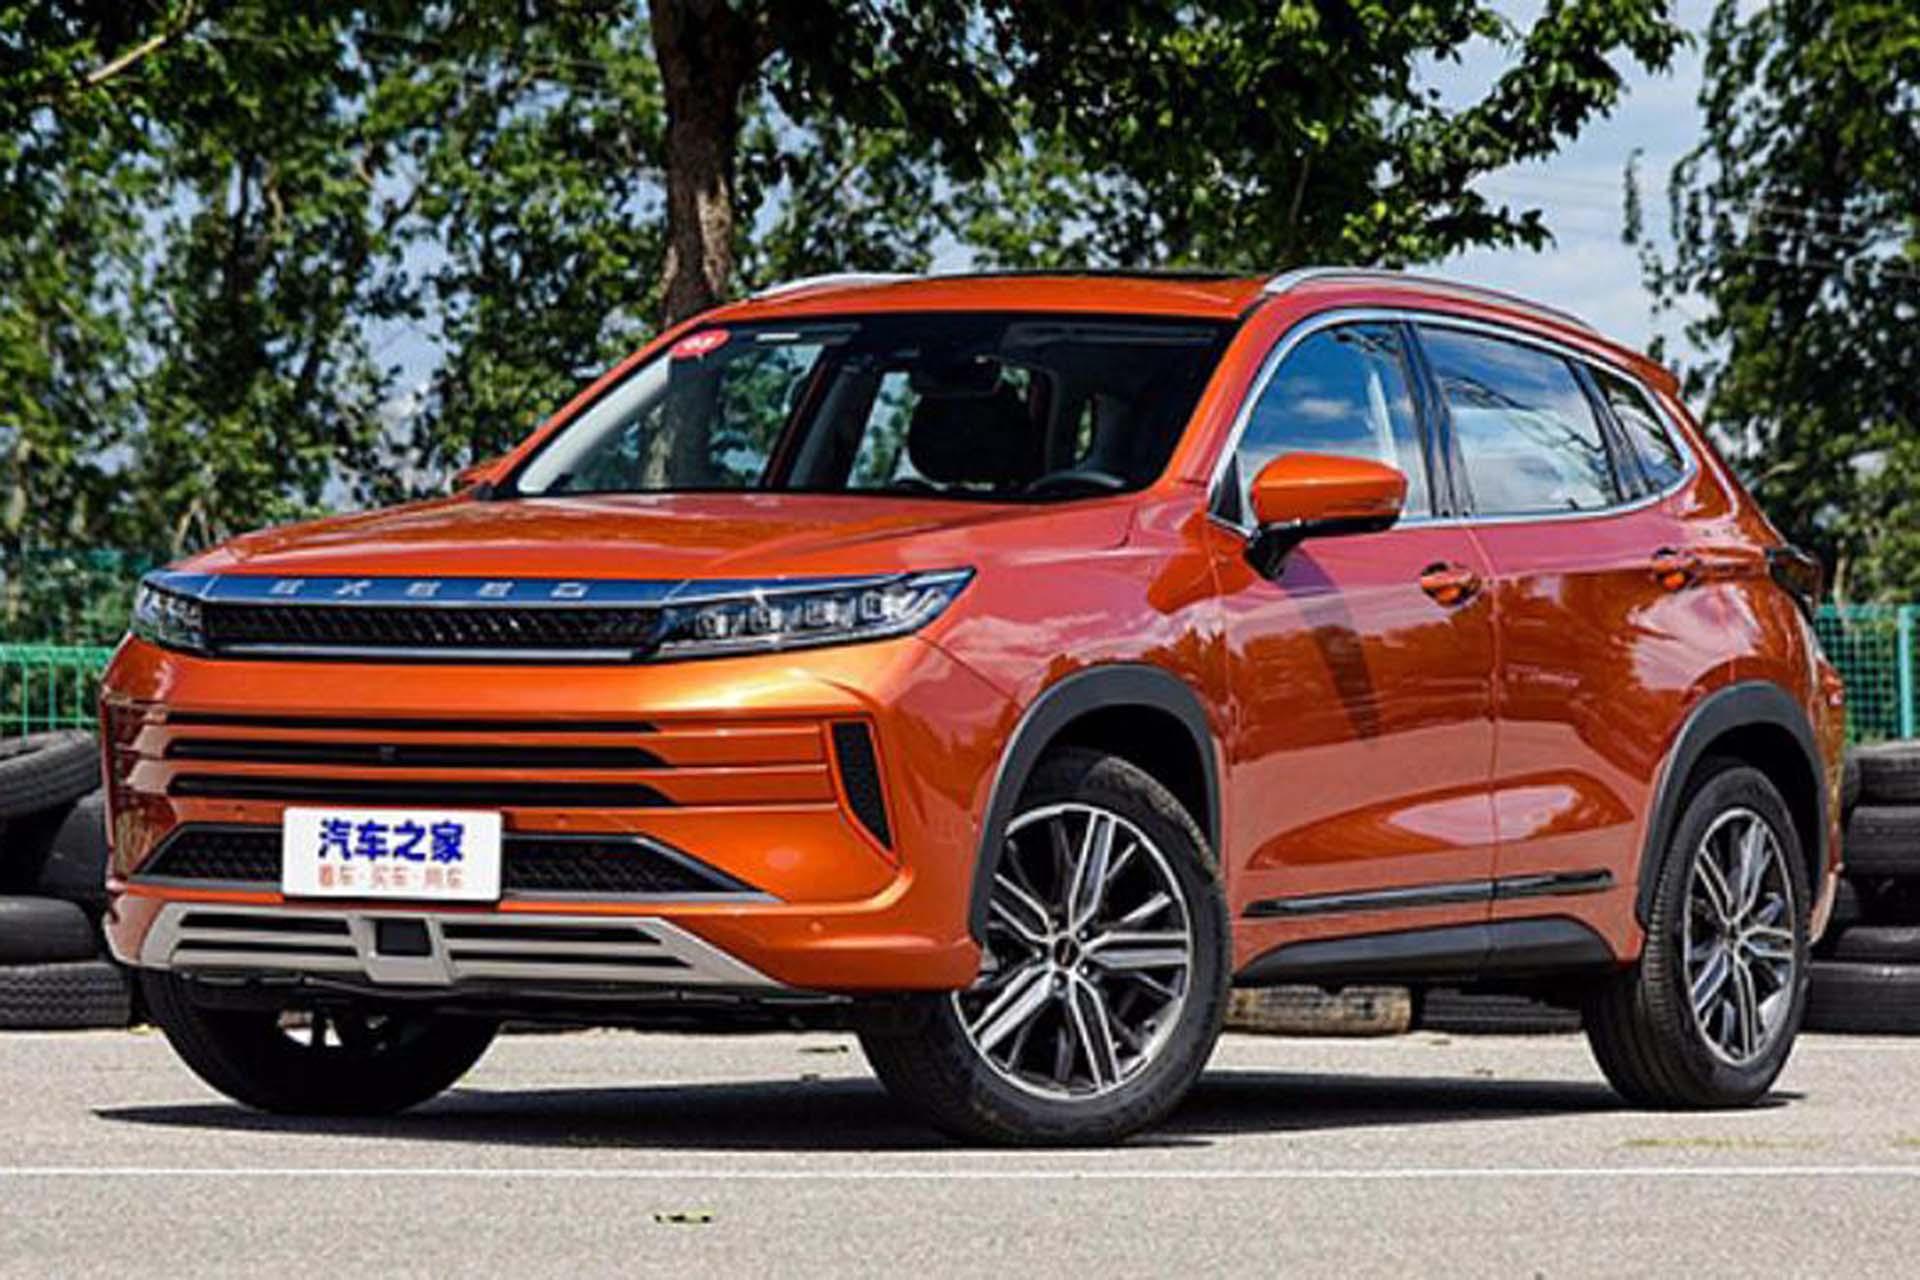 Caoa Chery Confirma Suv Para Peitar Bmw Mercedes E Land Rover Em 2021 Quatro Rodas